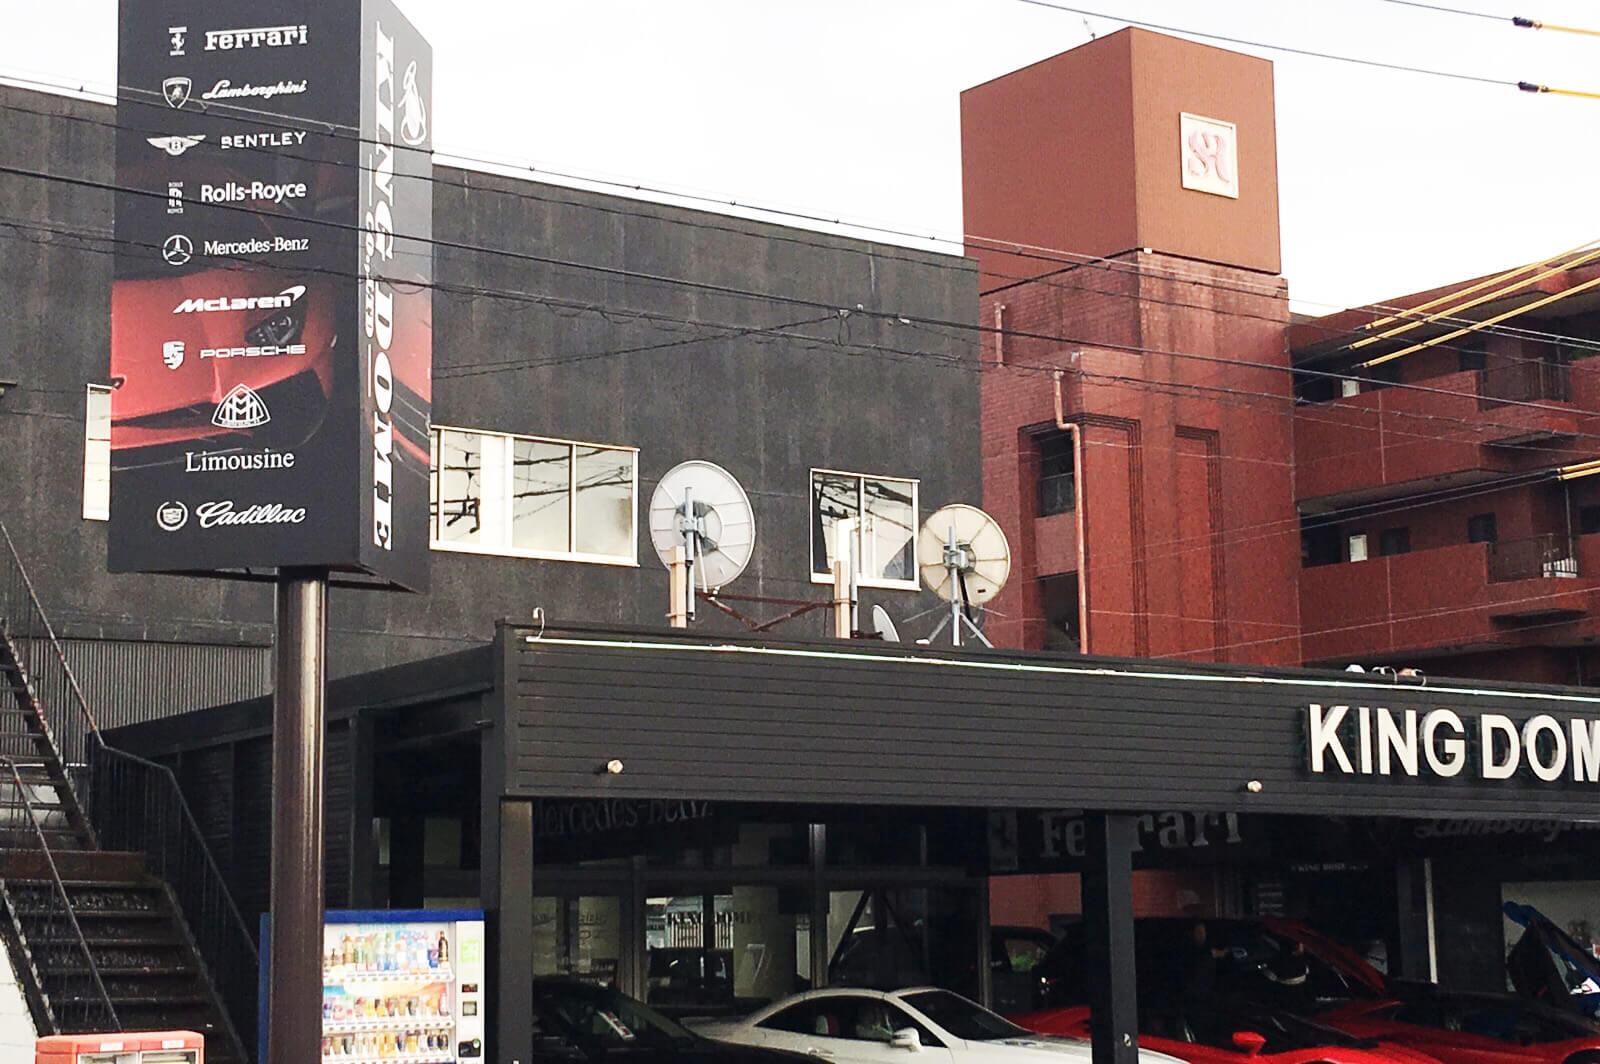 キングドーム3 - 【岐阜県岐阜市】車屋様の自立看板の看板施工・デザインを担当させていただきました。